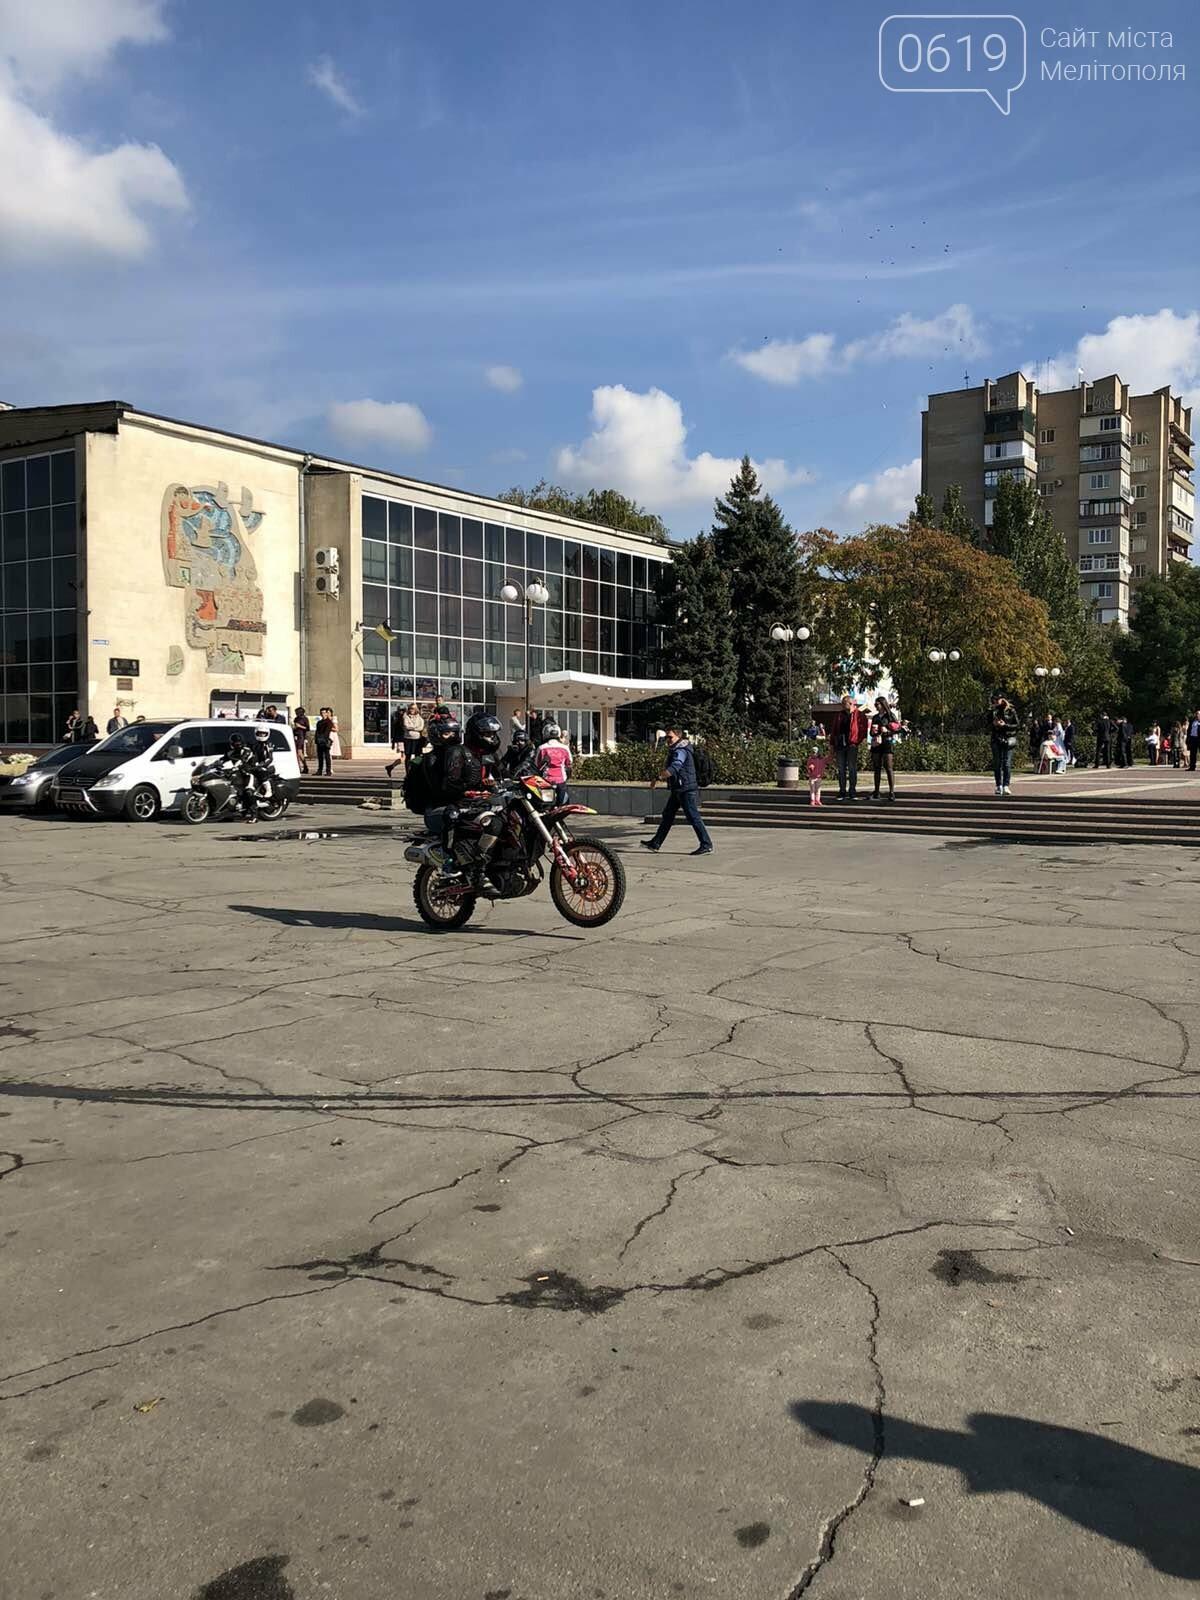 Байкеры проехали колонной по Мелитополю в честь закрытия мотосезона, - ФОТО, фото-10